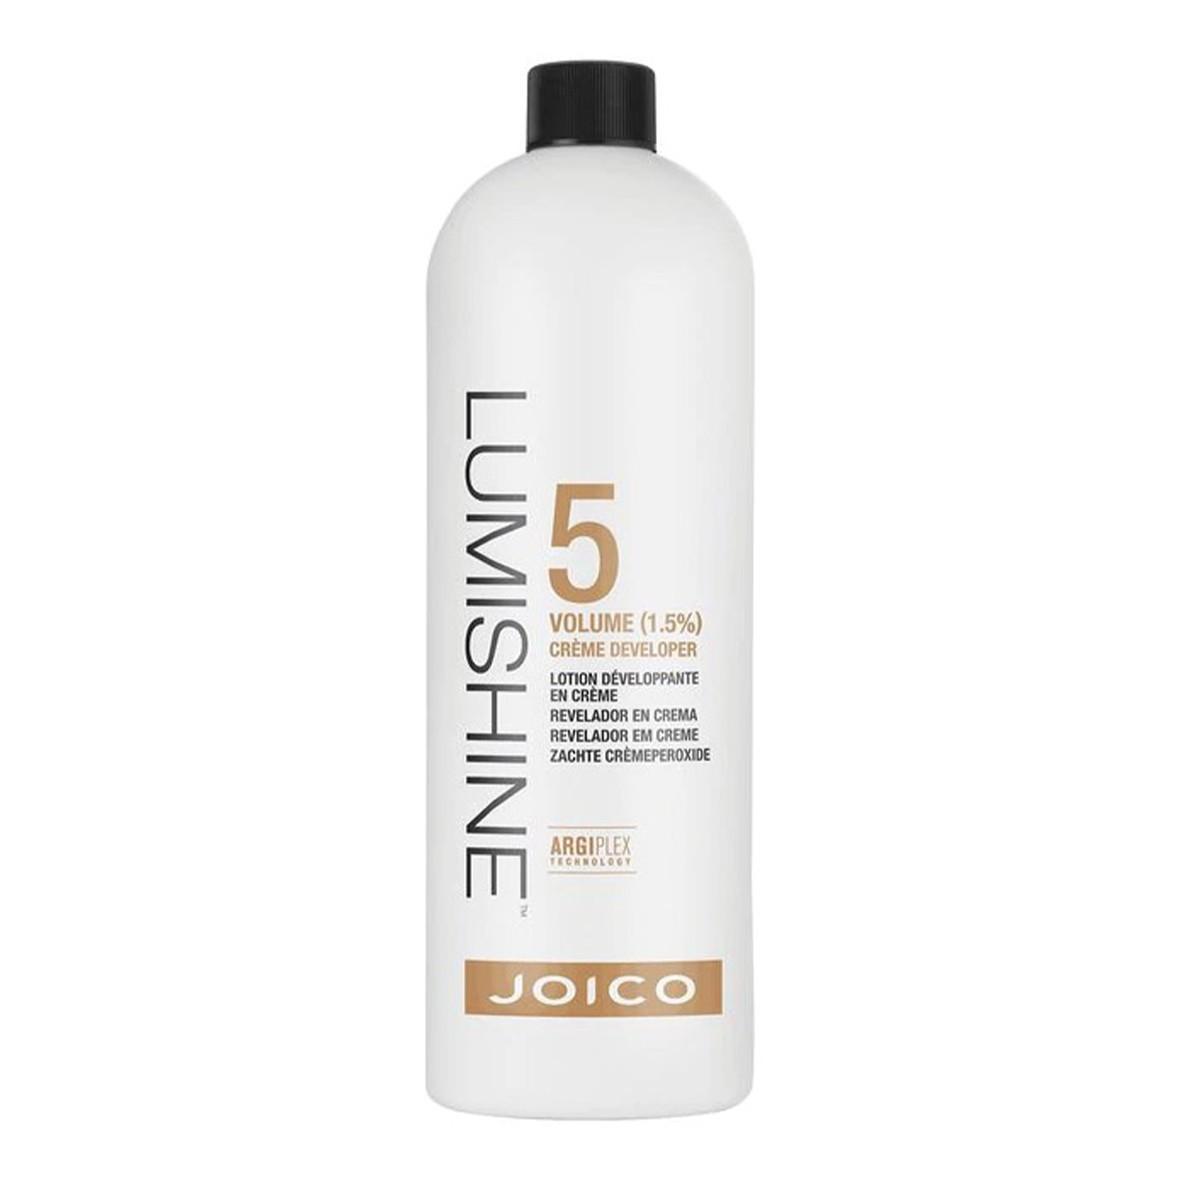 Крем-окислитель 1.5% Joico LumiShine Creme Developer 5 Volume 950 мл